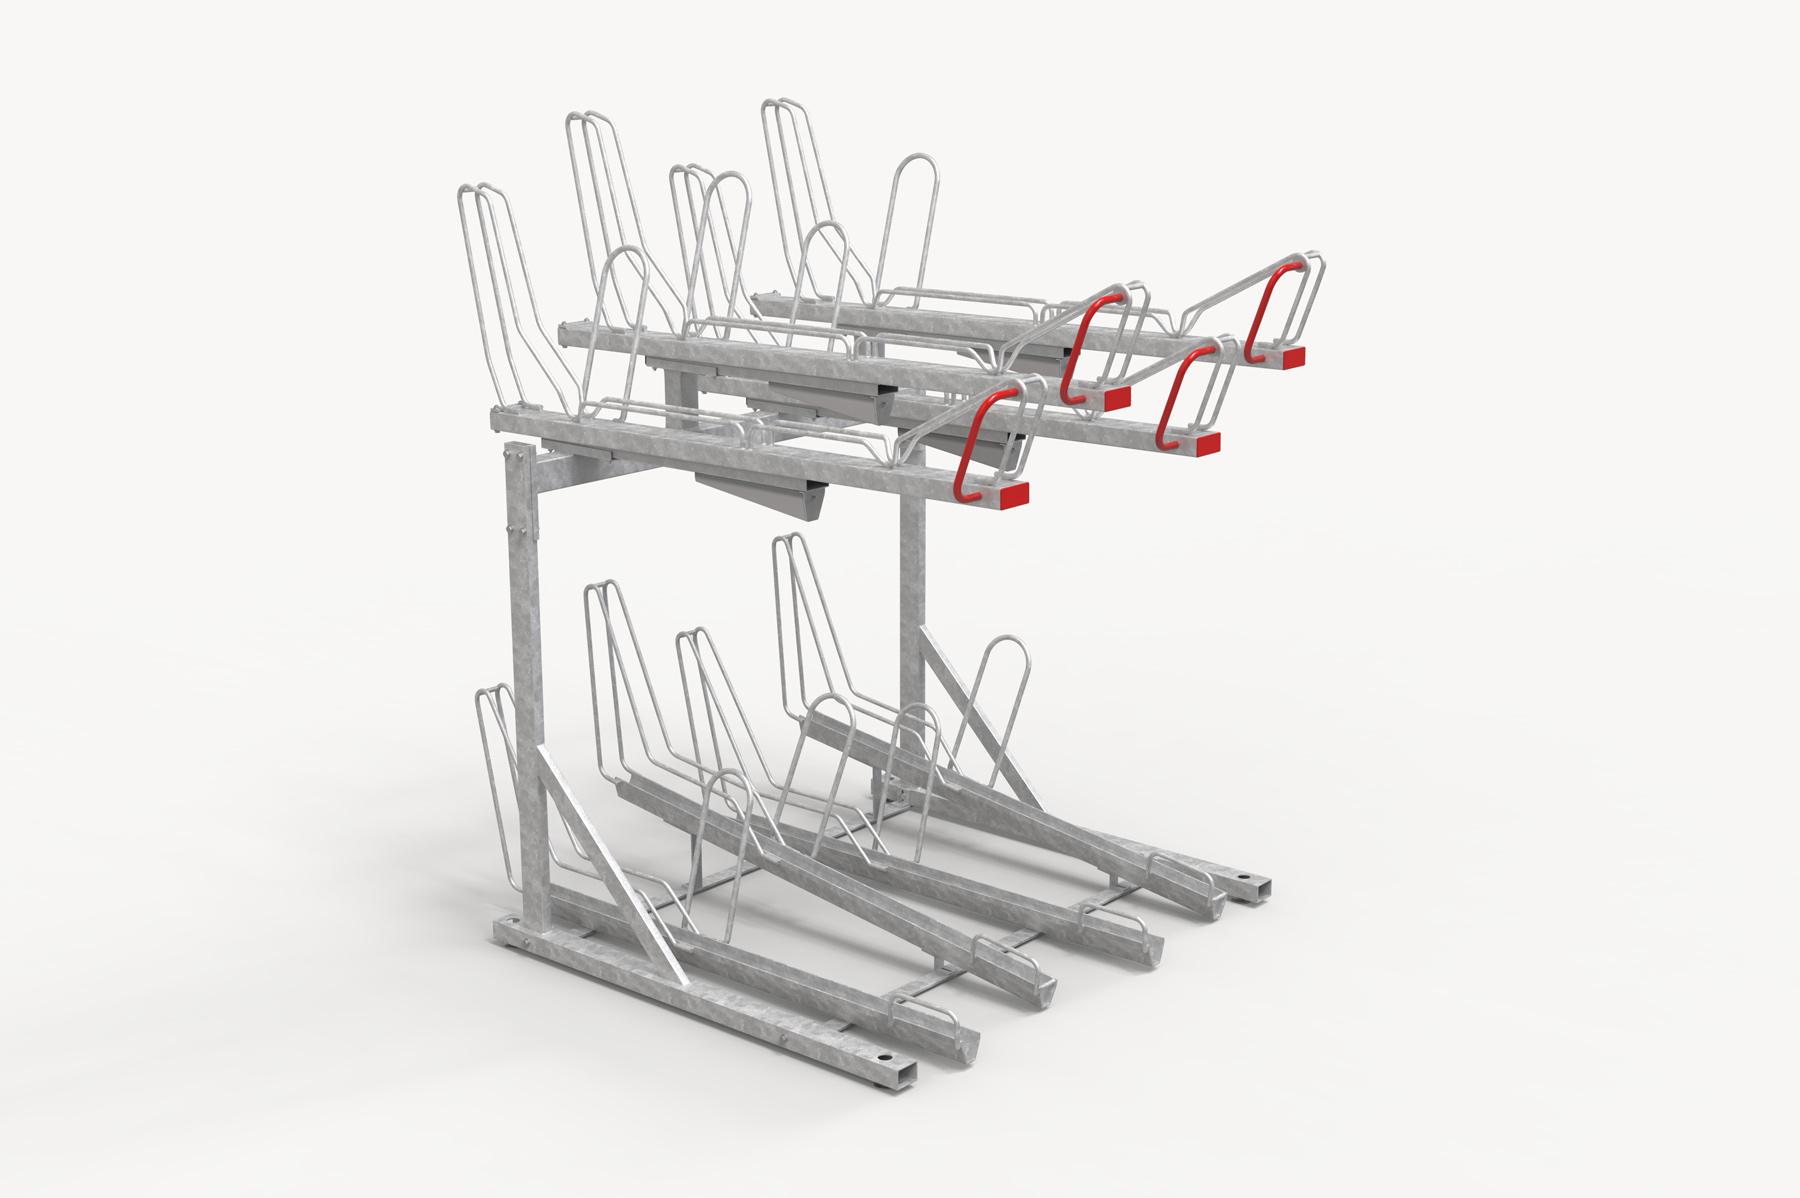 OPTIMA tvåvåningsställ för cyklar med ramlåsning sett snett från sidan.